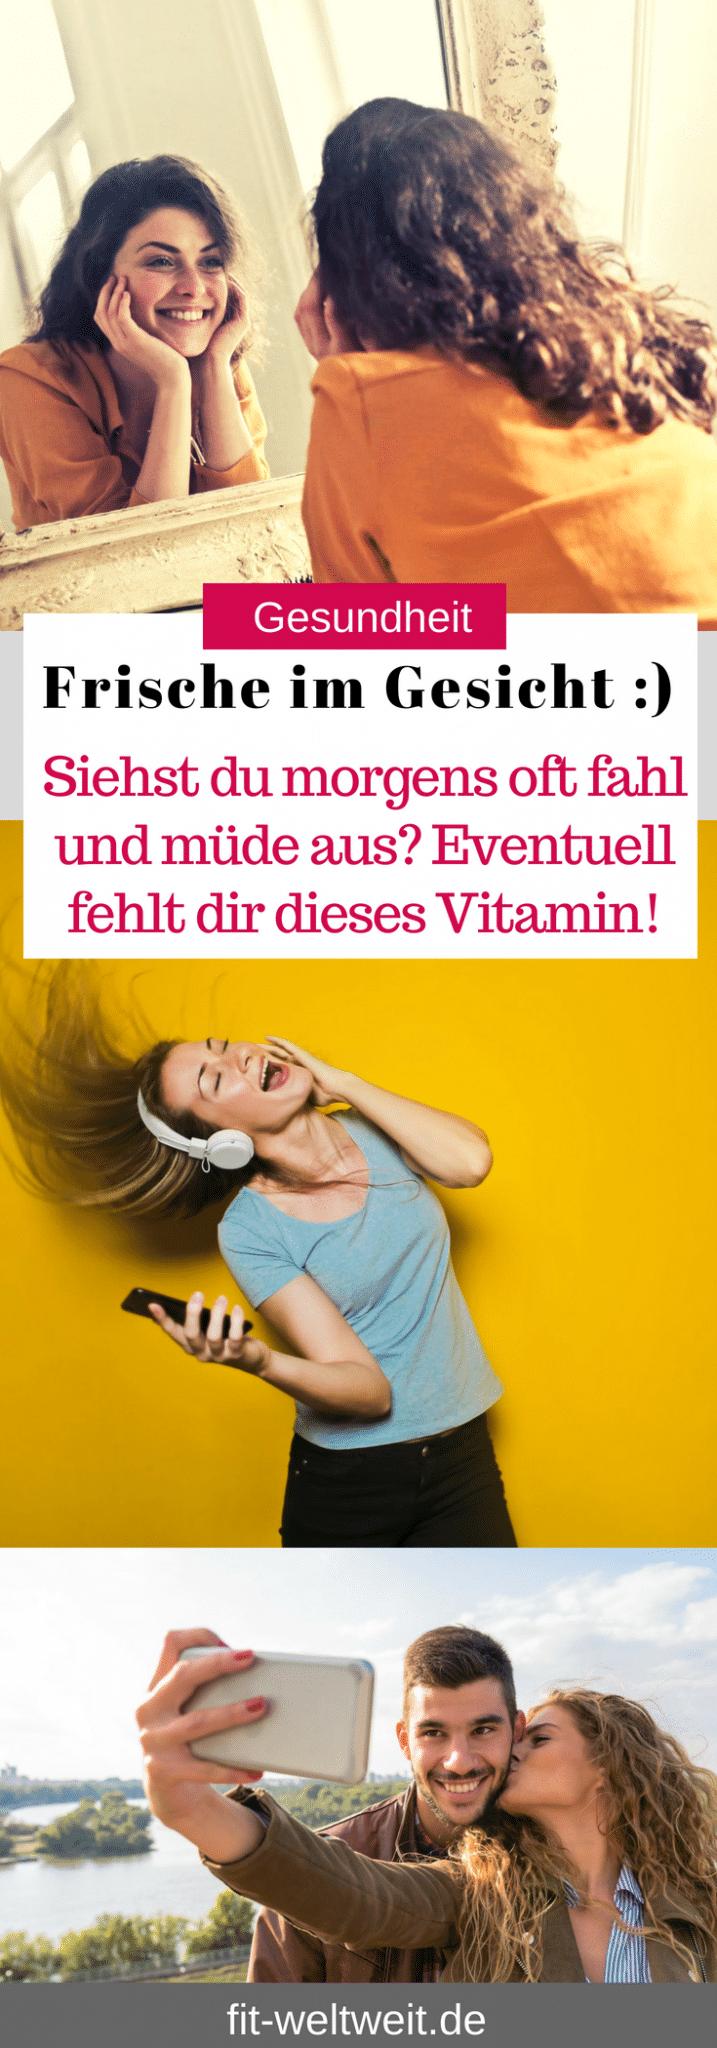 Ist deine Haut fahl und unrein? Fühlst du dich matt und angeschlagen, manchmal #depressiv, irgendwie #dauermüde und willst endlich deinen Glow zurück? Der #Müdigkeit entgegenwirken? Dein Strahlen, deine gute Laune und deine Fitness zurück? Dr. Petra Bracht von Liebscher & Bracht (Werbung) ist in ihrem Video sehr gut auf den #Vitaminmangel eingegangen.Dieses Vitamin könnte dir fehlen! Wo es drin steckt und wie es wirkt, erfährst du hier. #liebscherbracht